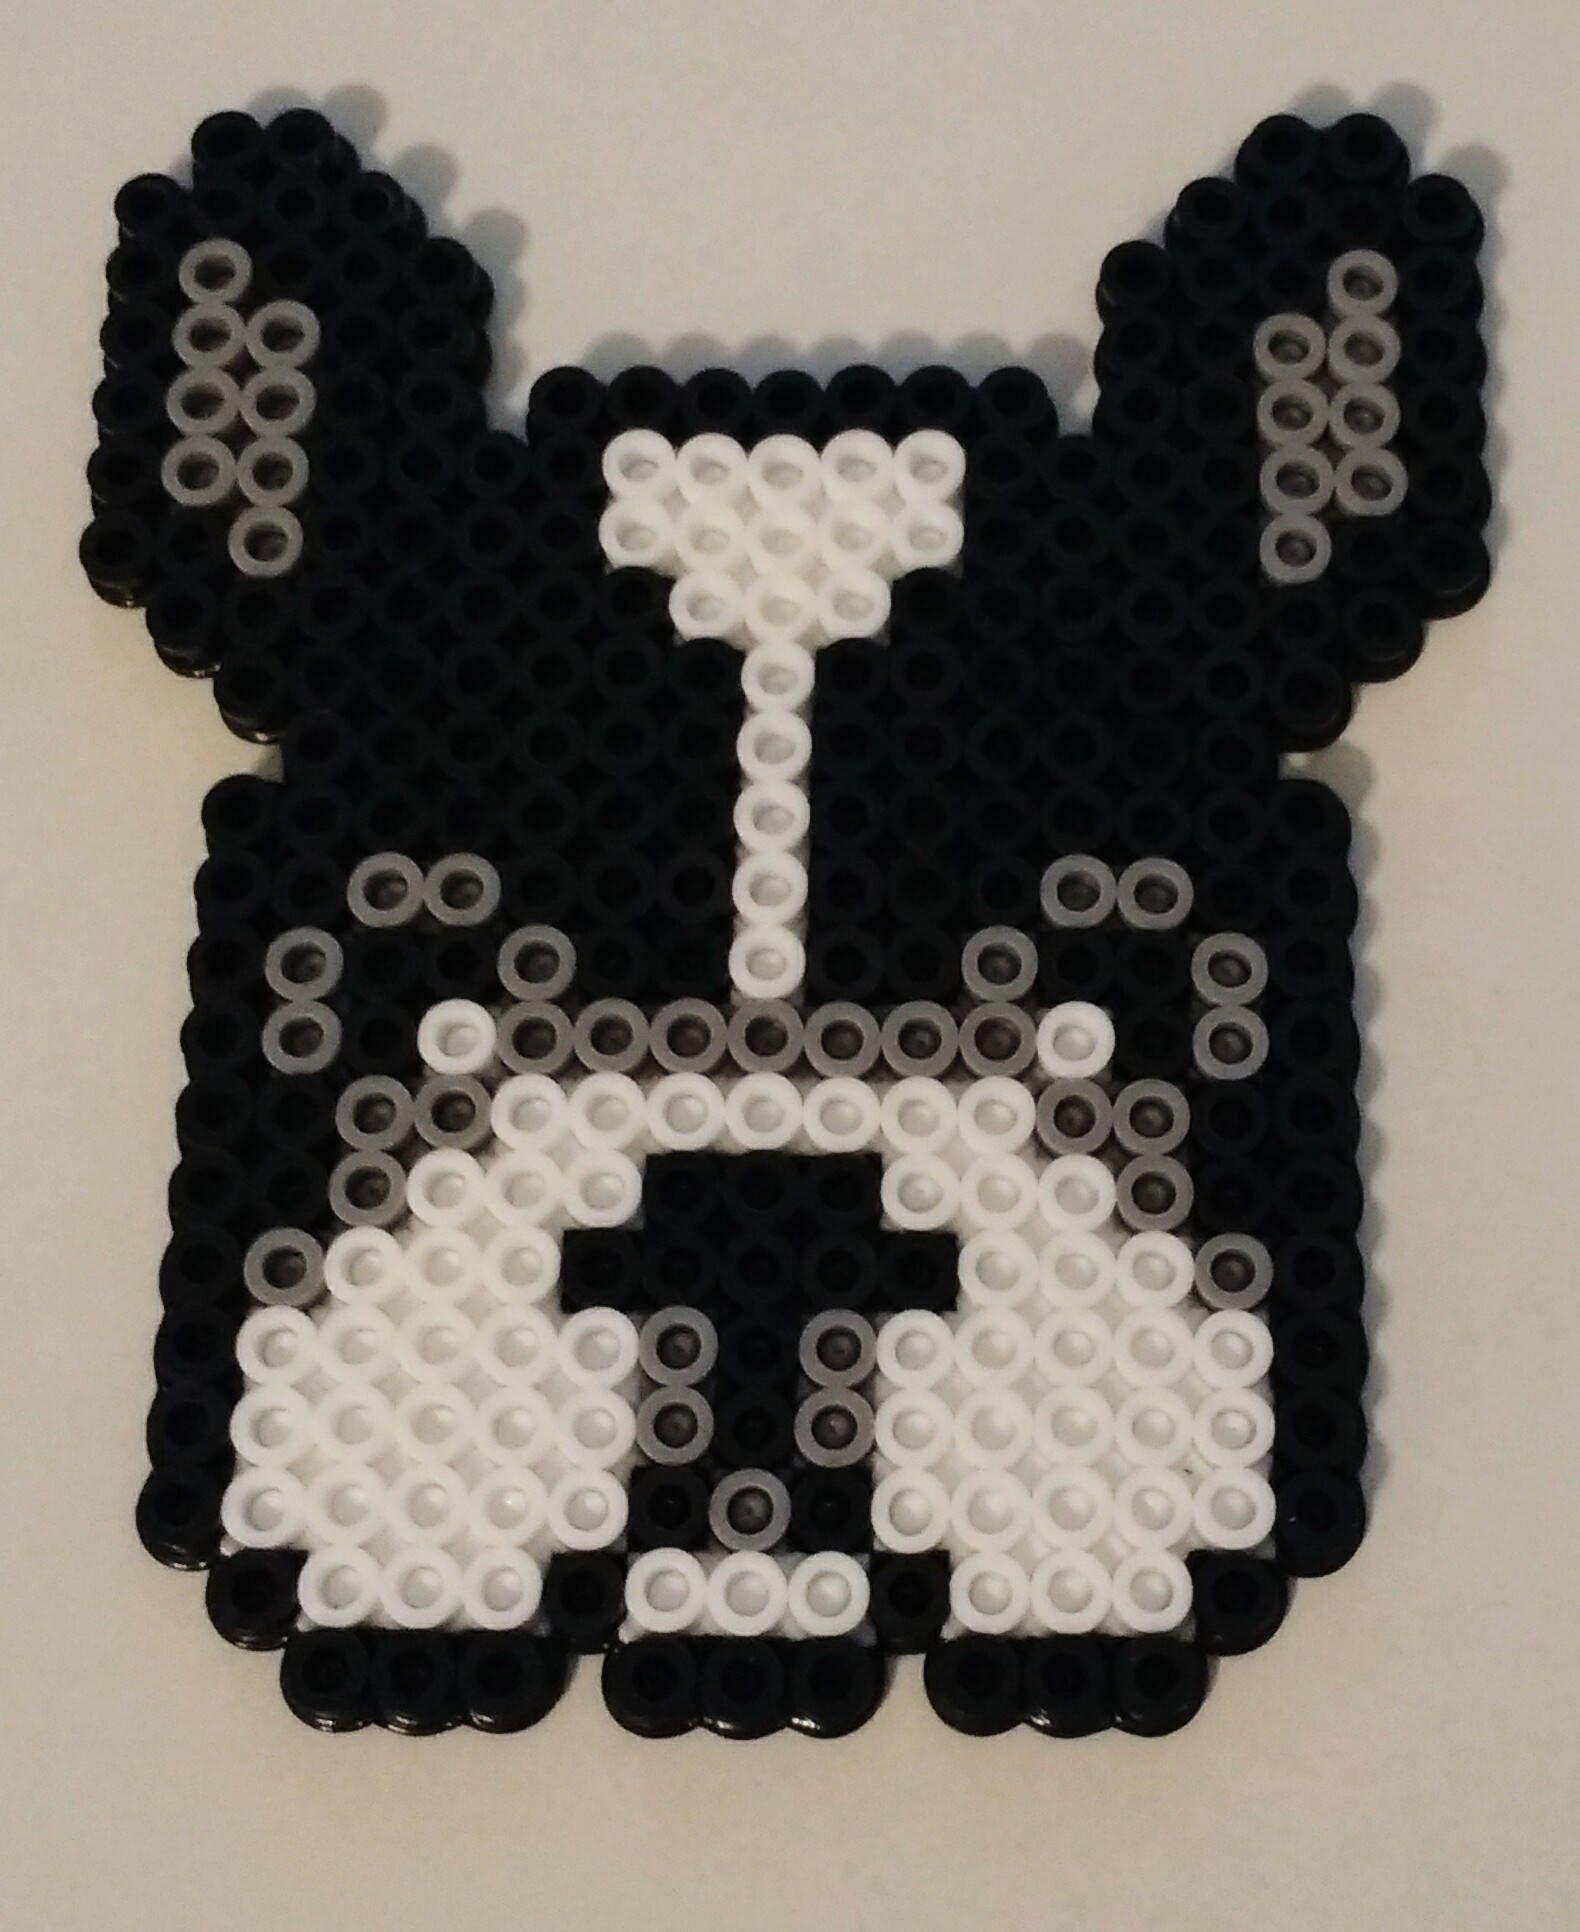 Pin on Perler bead art